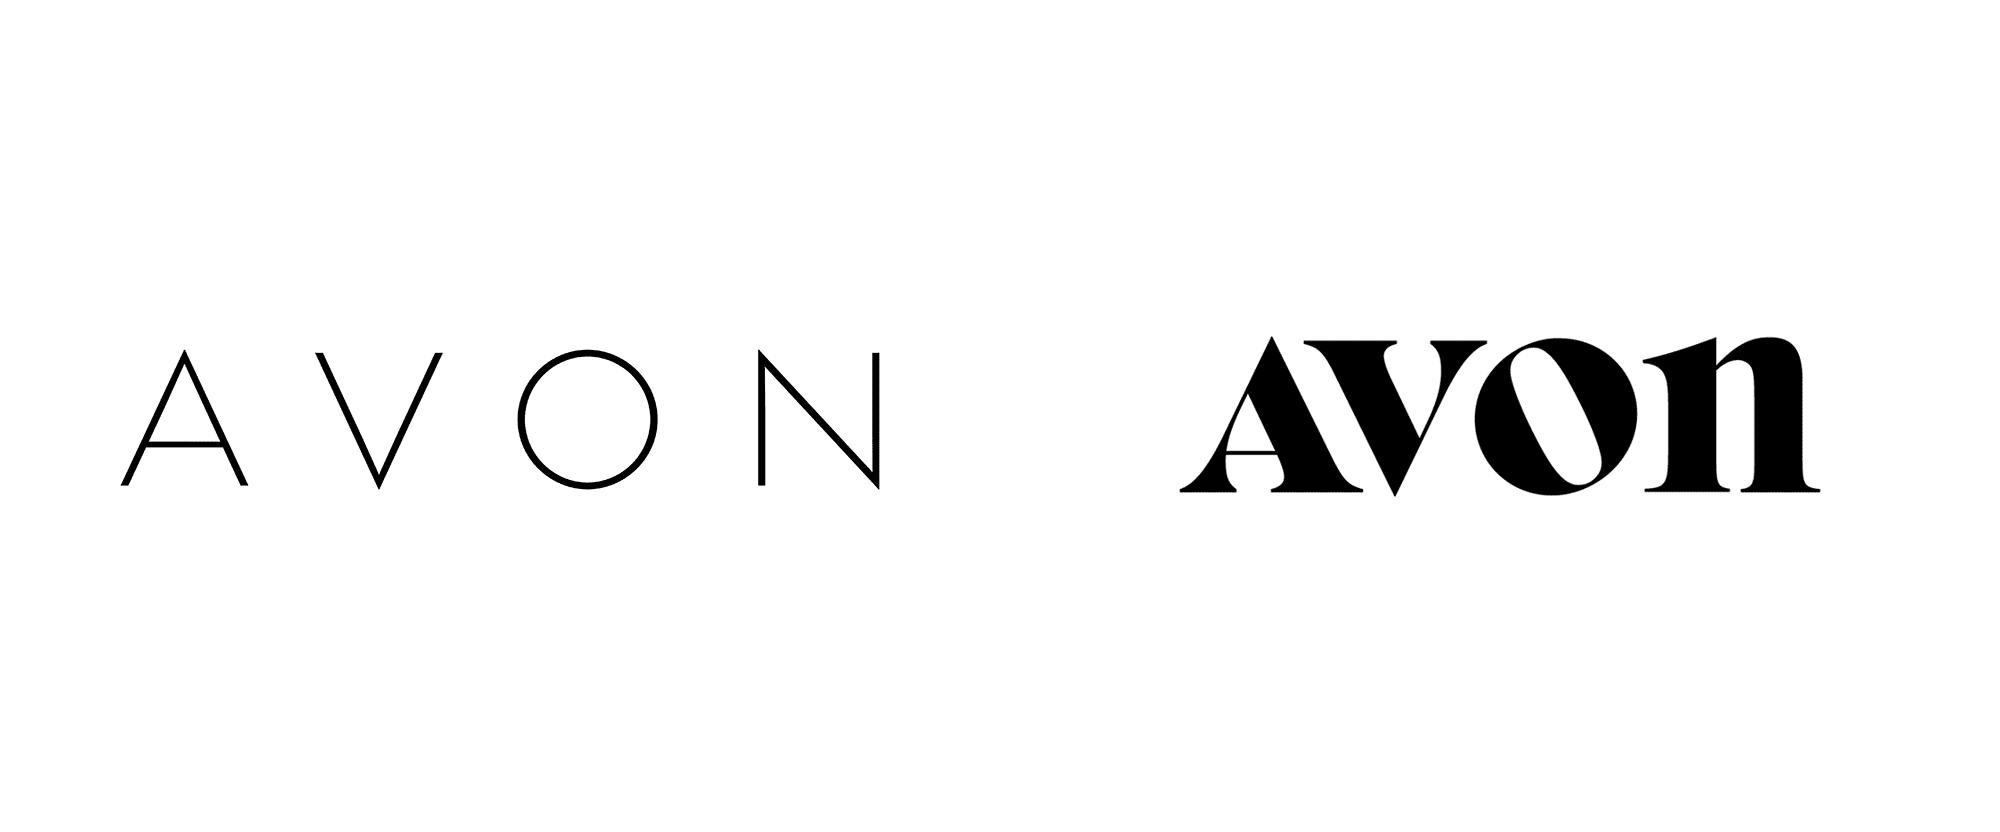 avon logo before after - Beauty značka Avon představuje nové mladistvé logo